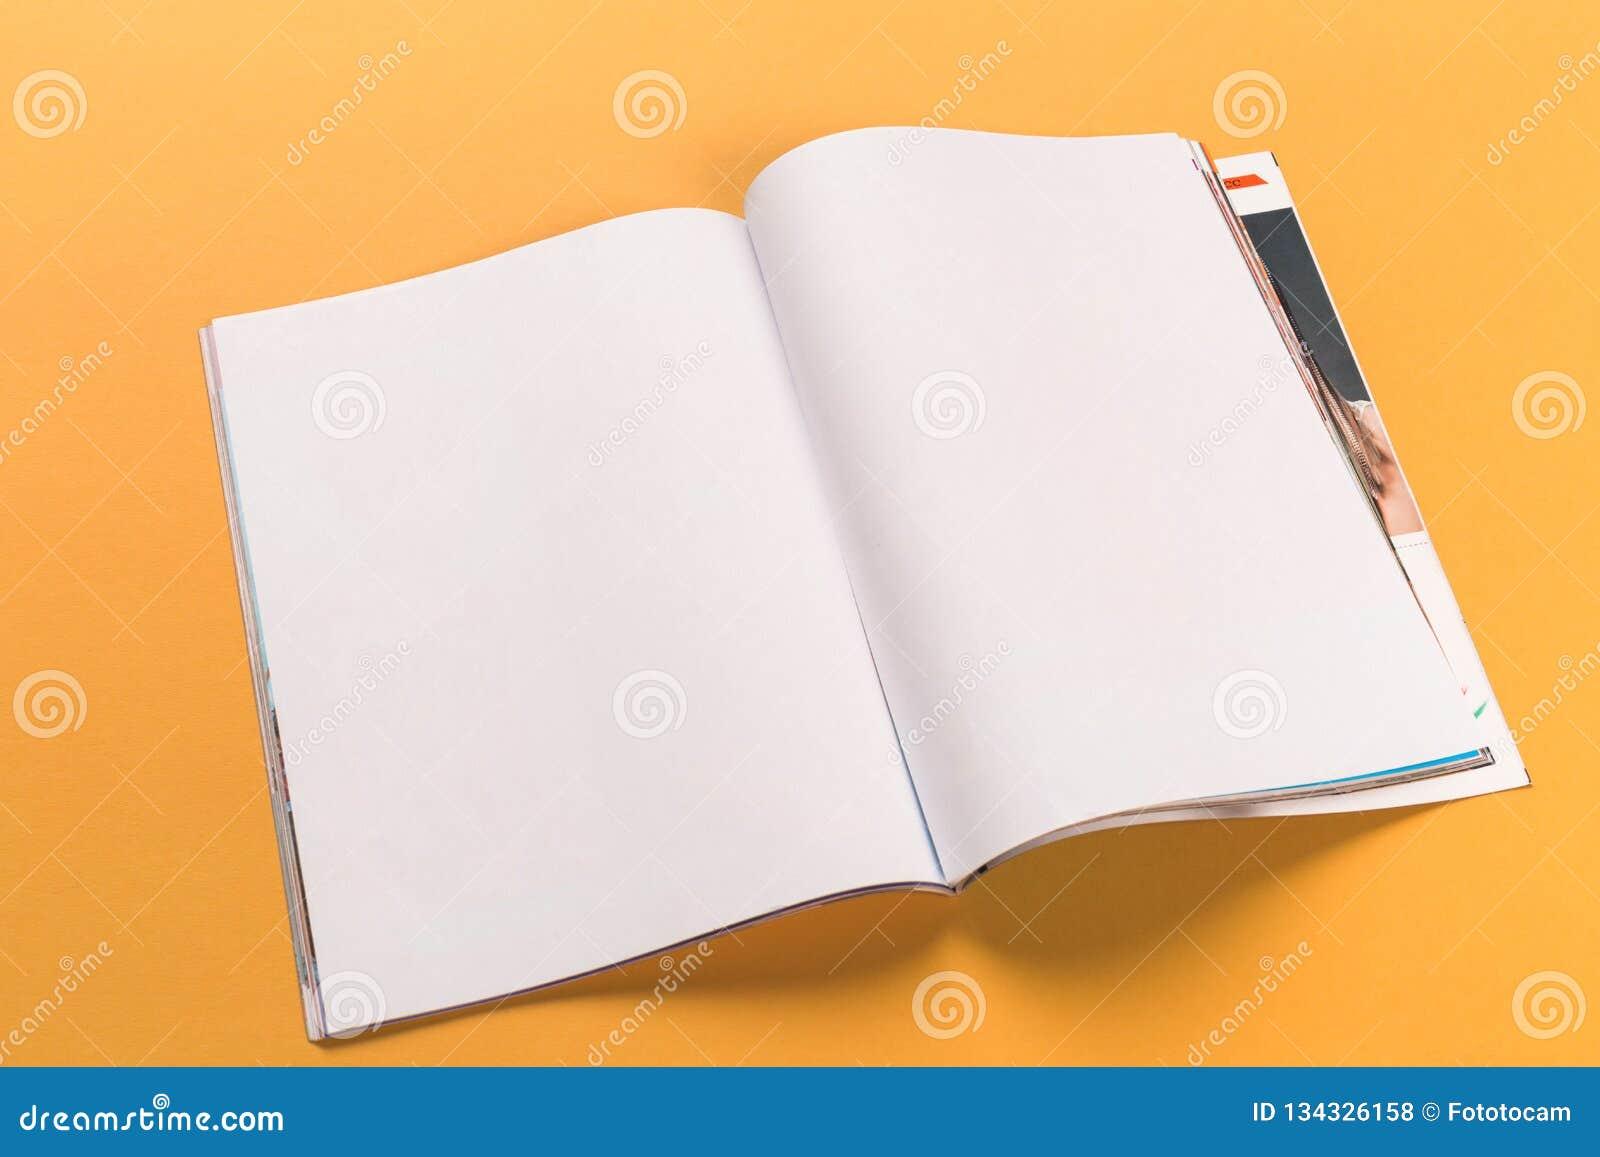 Раскрытый модель-макет журнала на оранжевой предпосылке